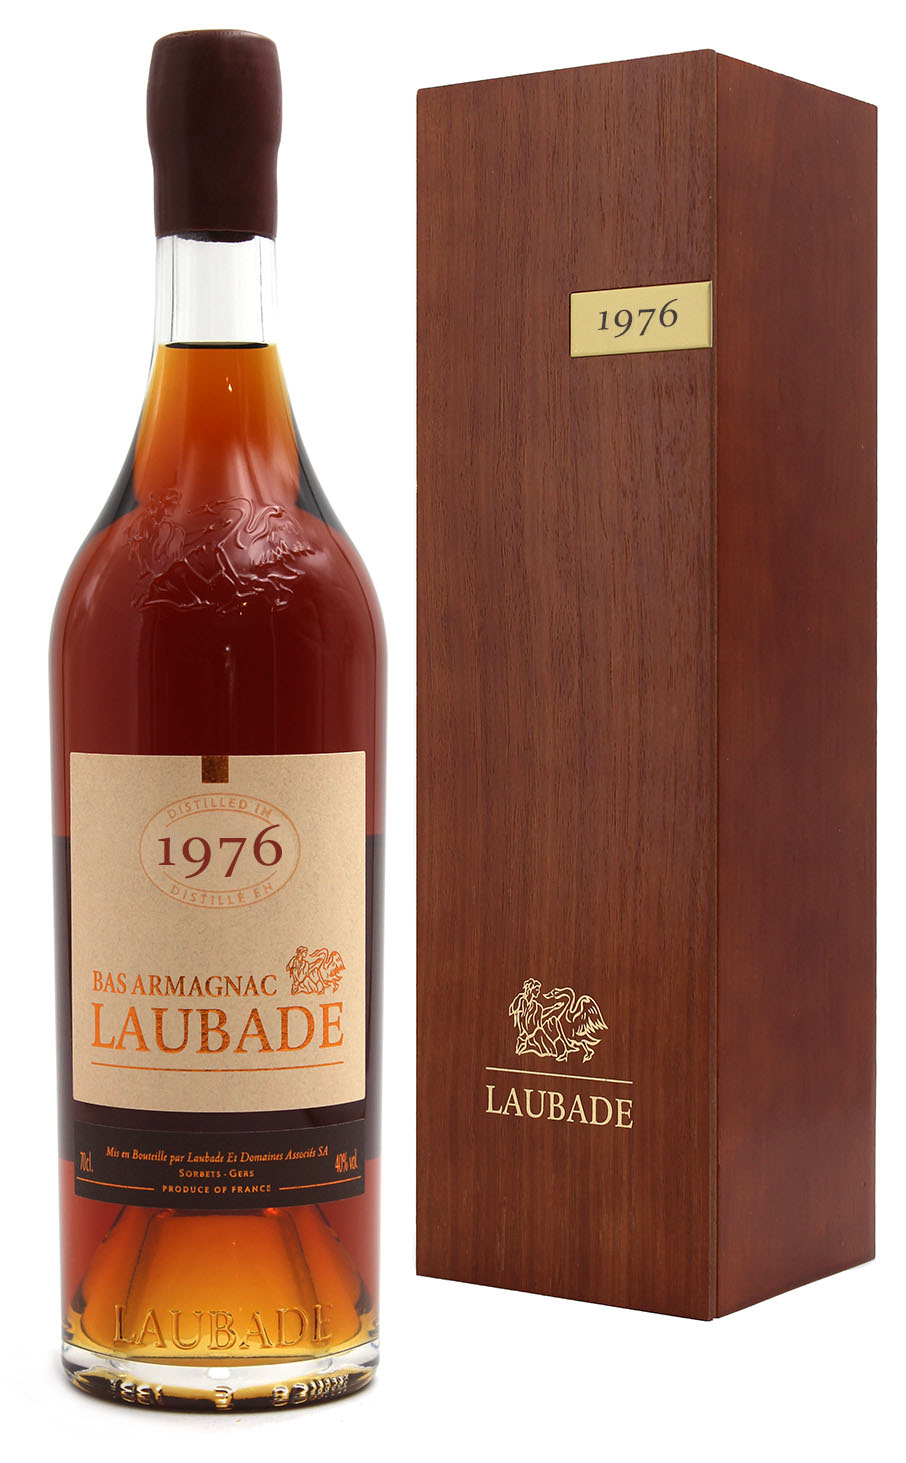 Bas Armagnac Laubade 1976  - 70cl